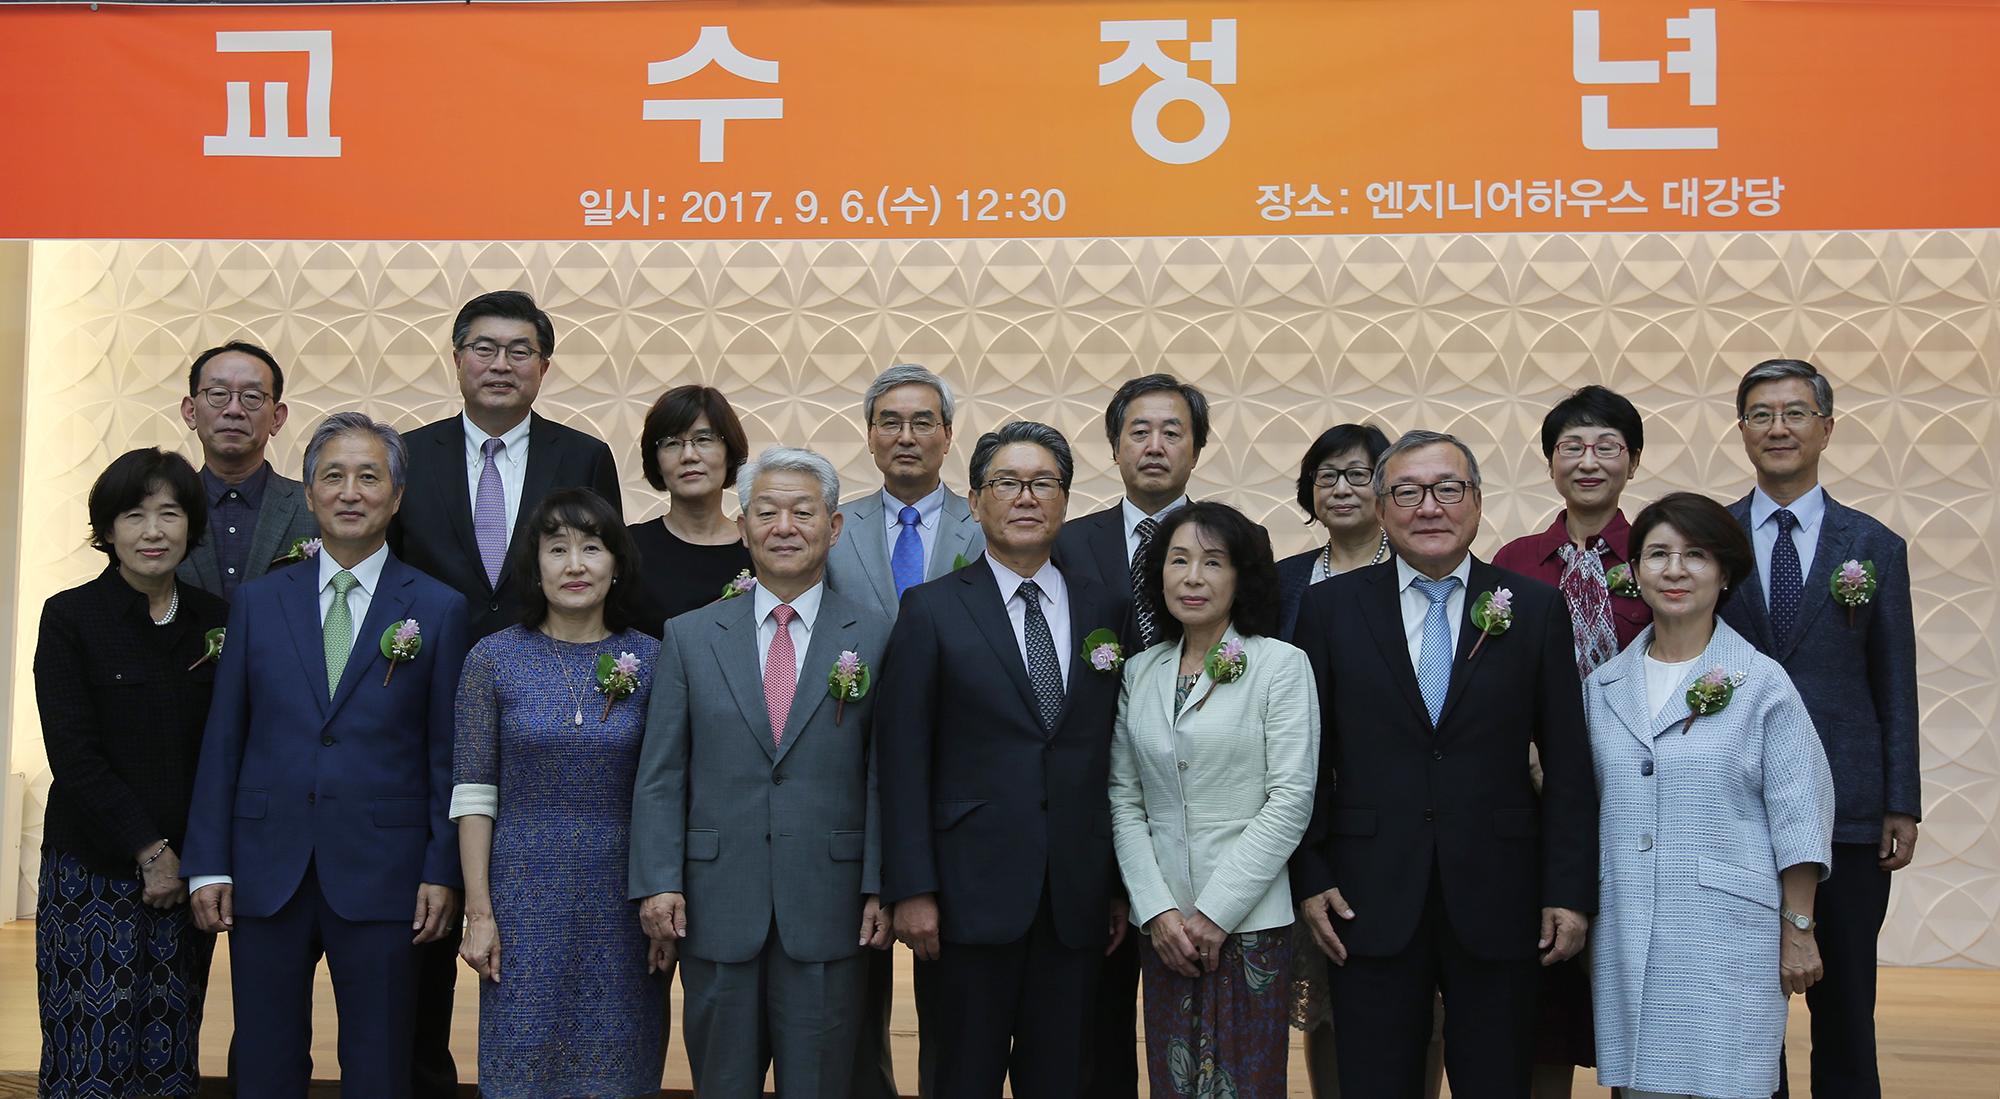 서울대 공대 교수 7명의 정년퇴임식 현장